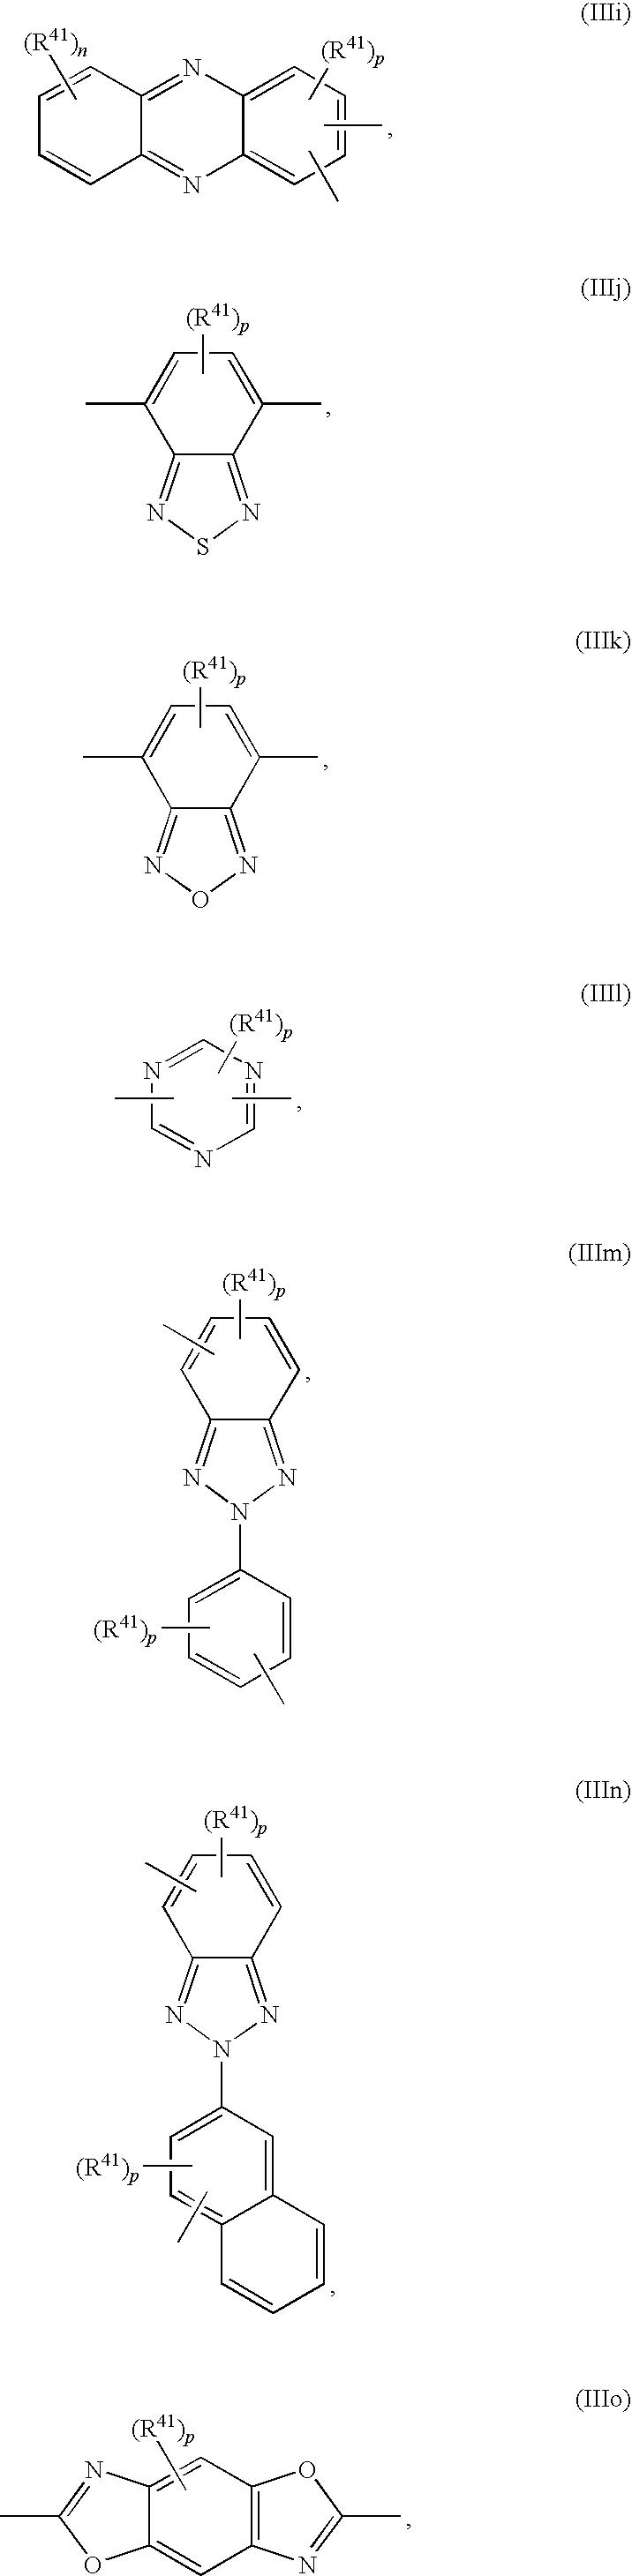 Figure US20090105447A1-20090423-C00274